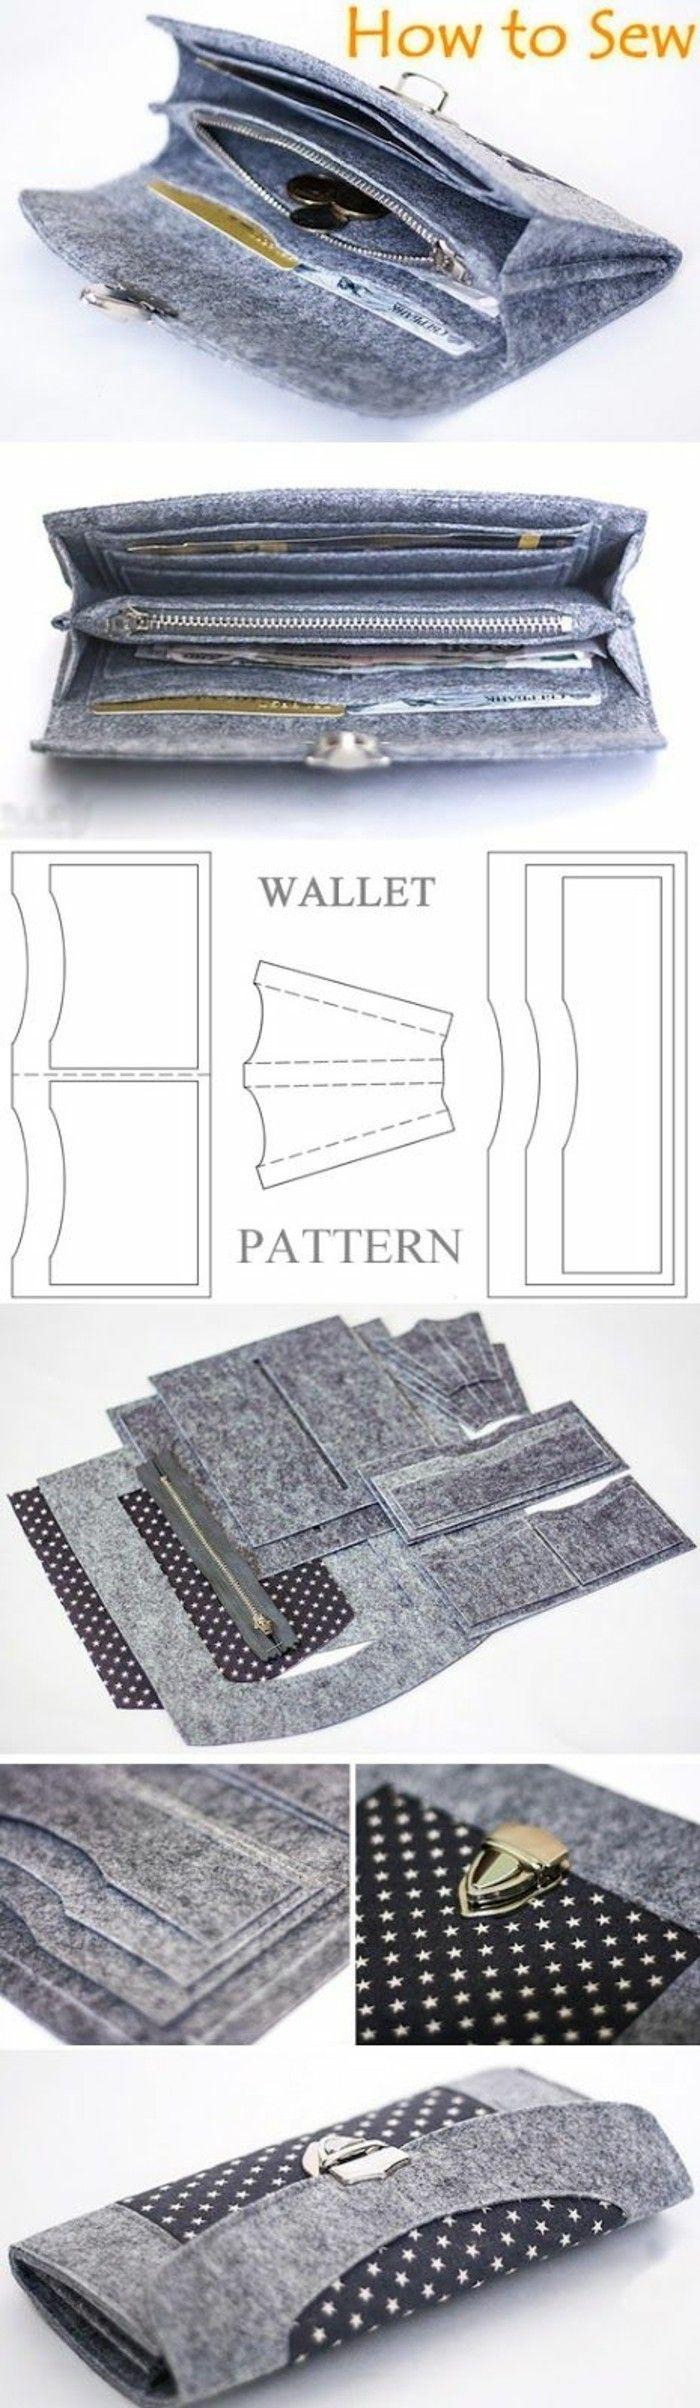 Geldbeutel nähen - 30 coole DIY Ideen für einen Geldbeutel | Diy ...